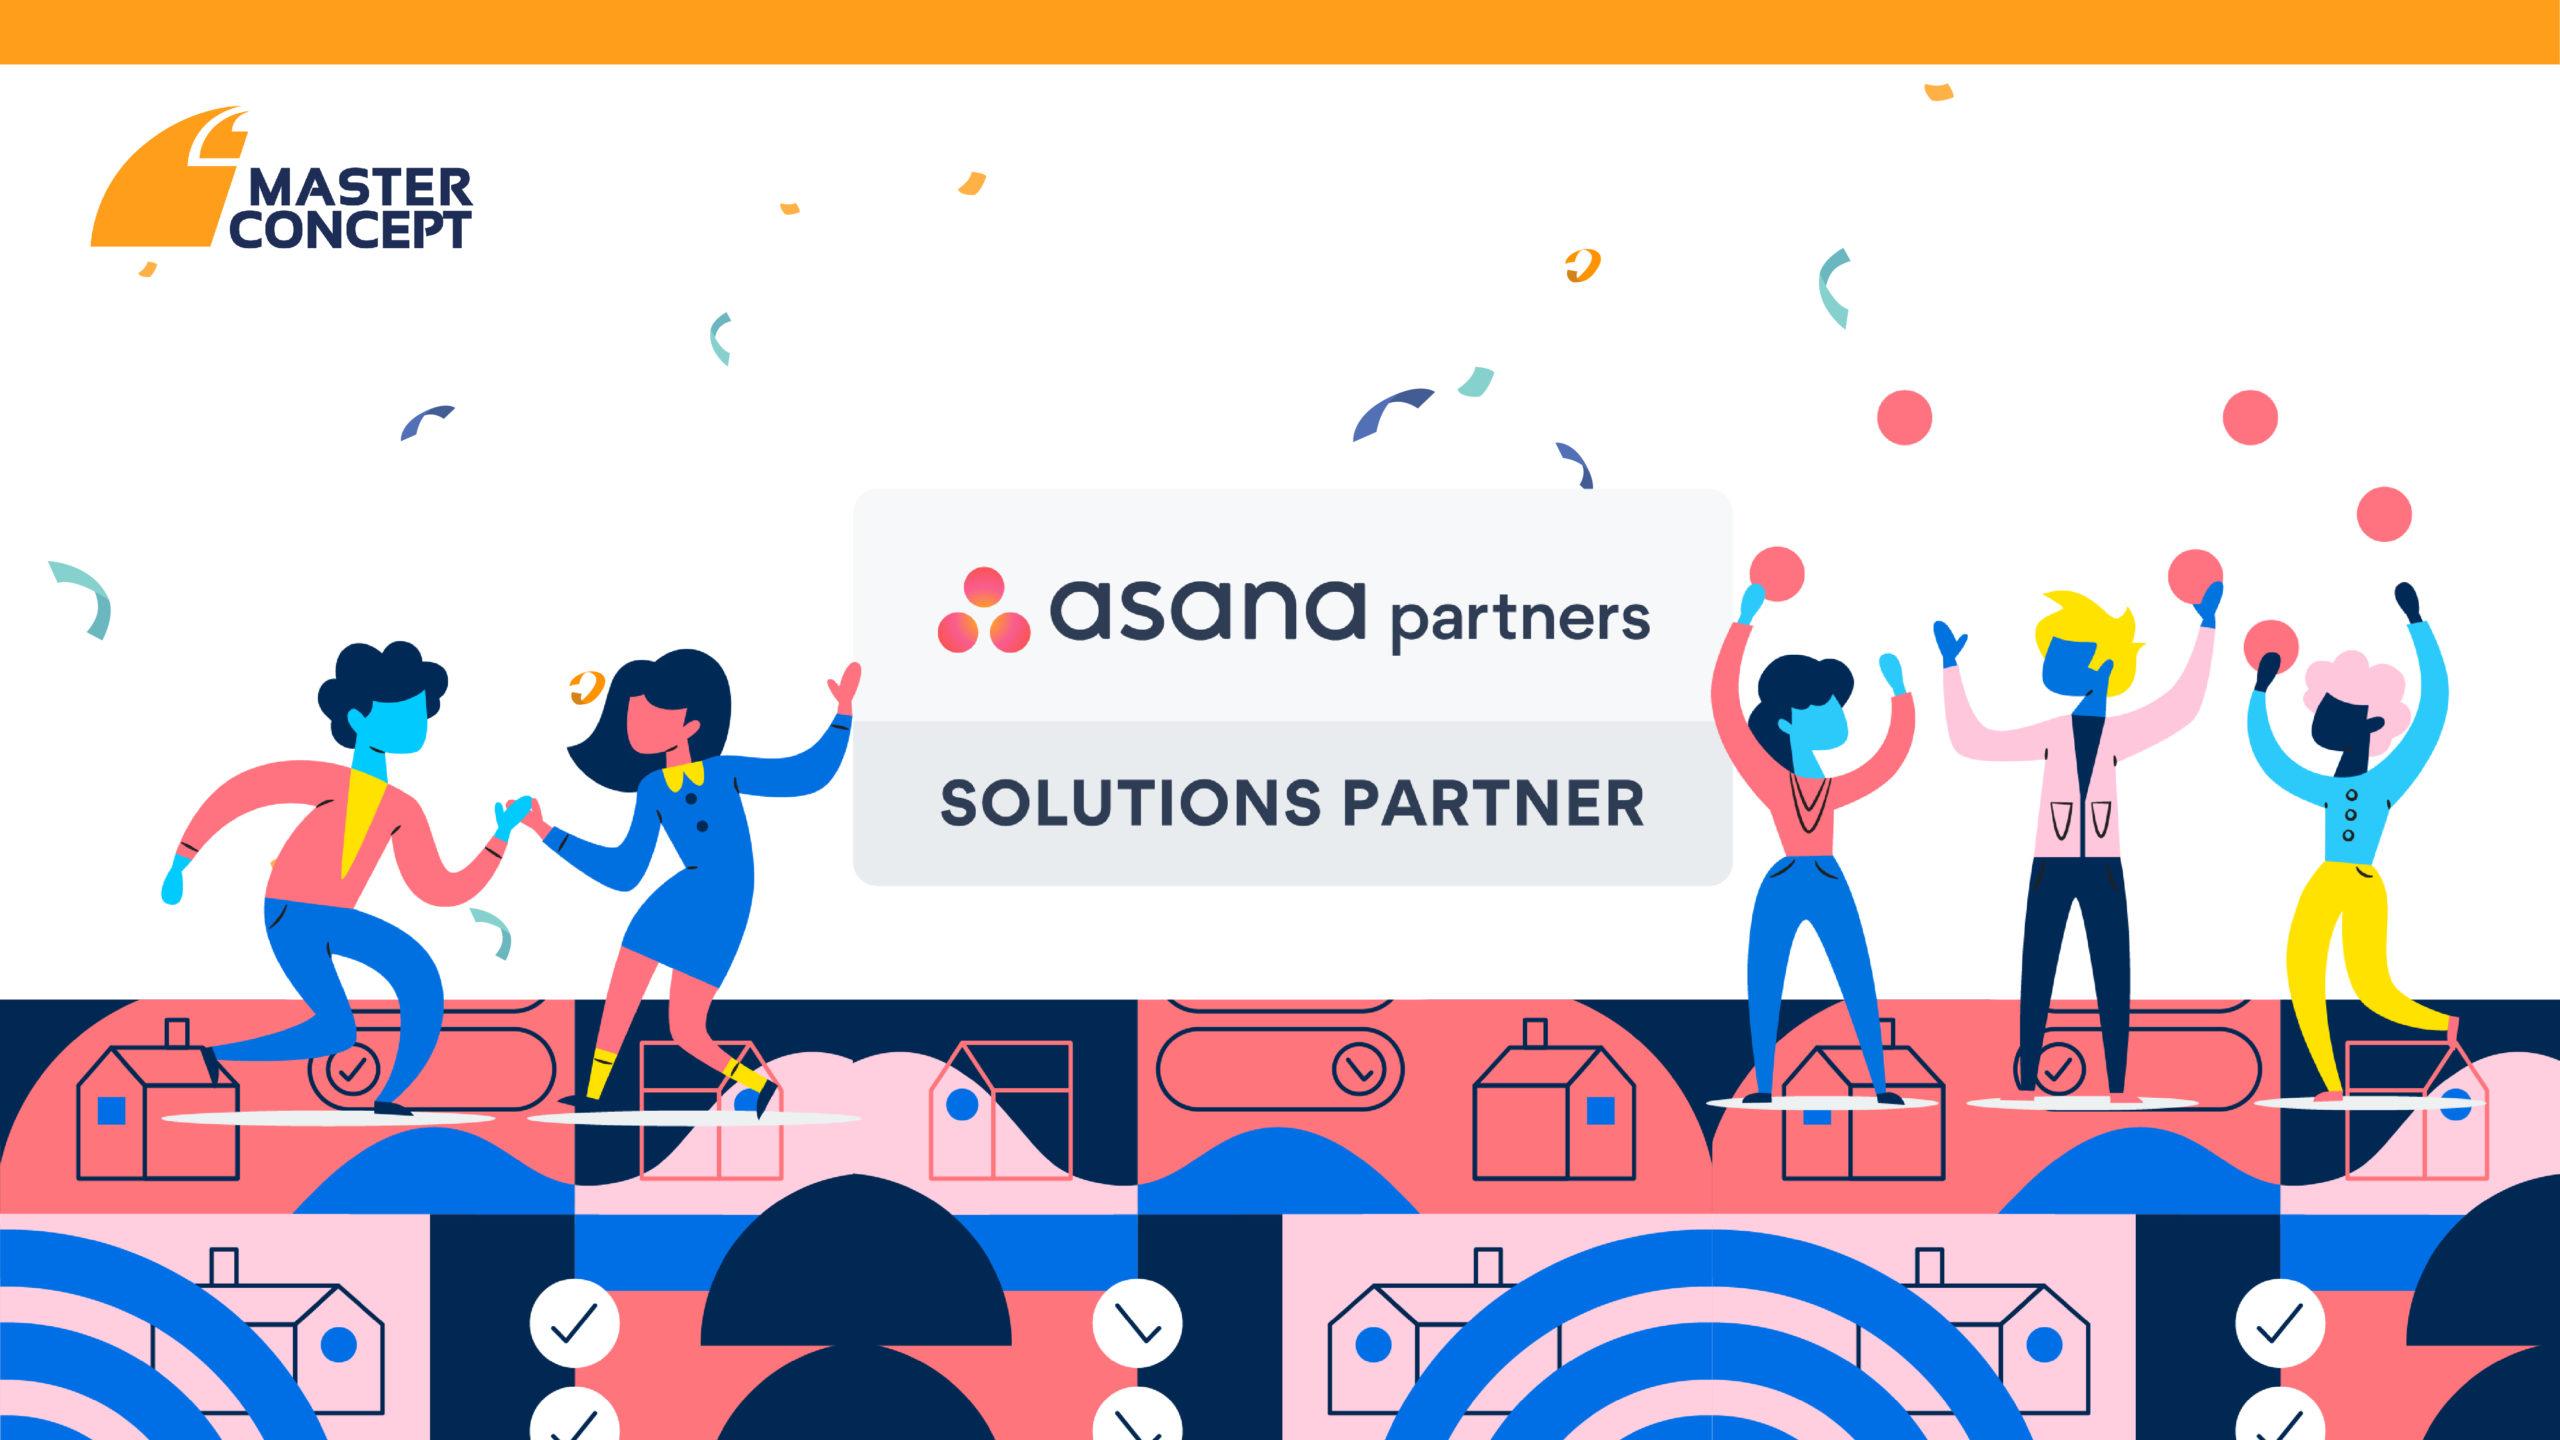 思想科技宣布成為 Asana 通路合作夥伴